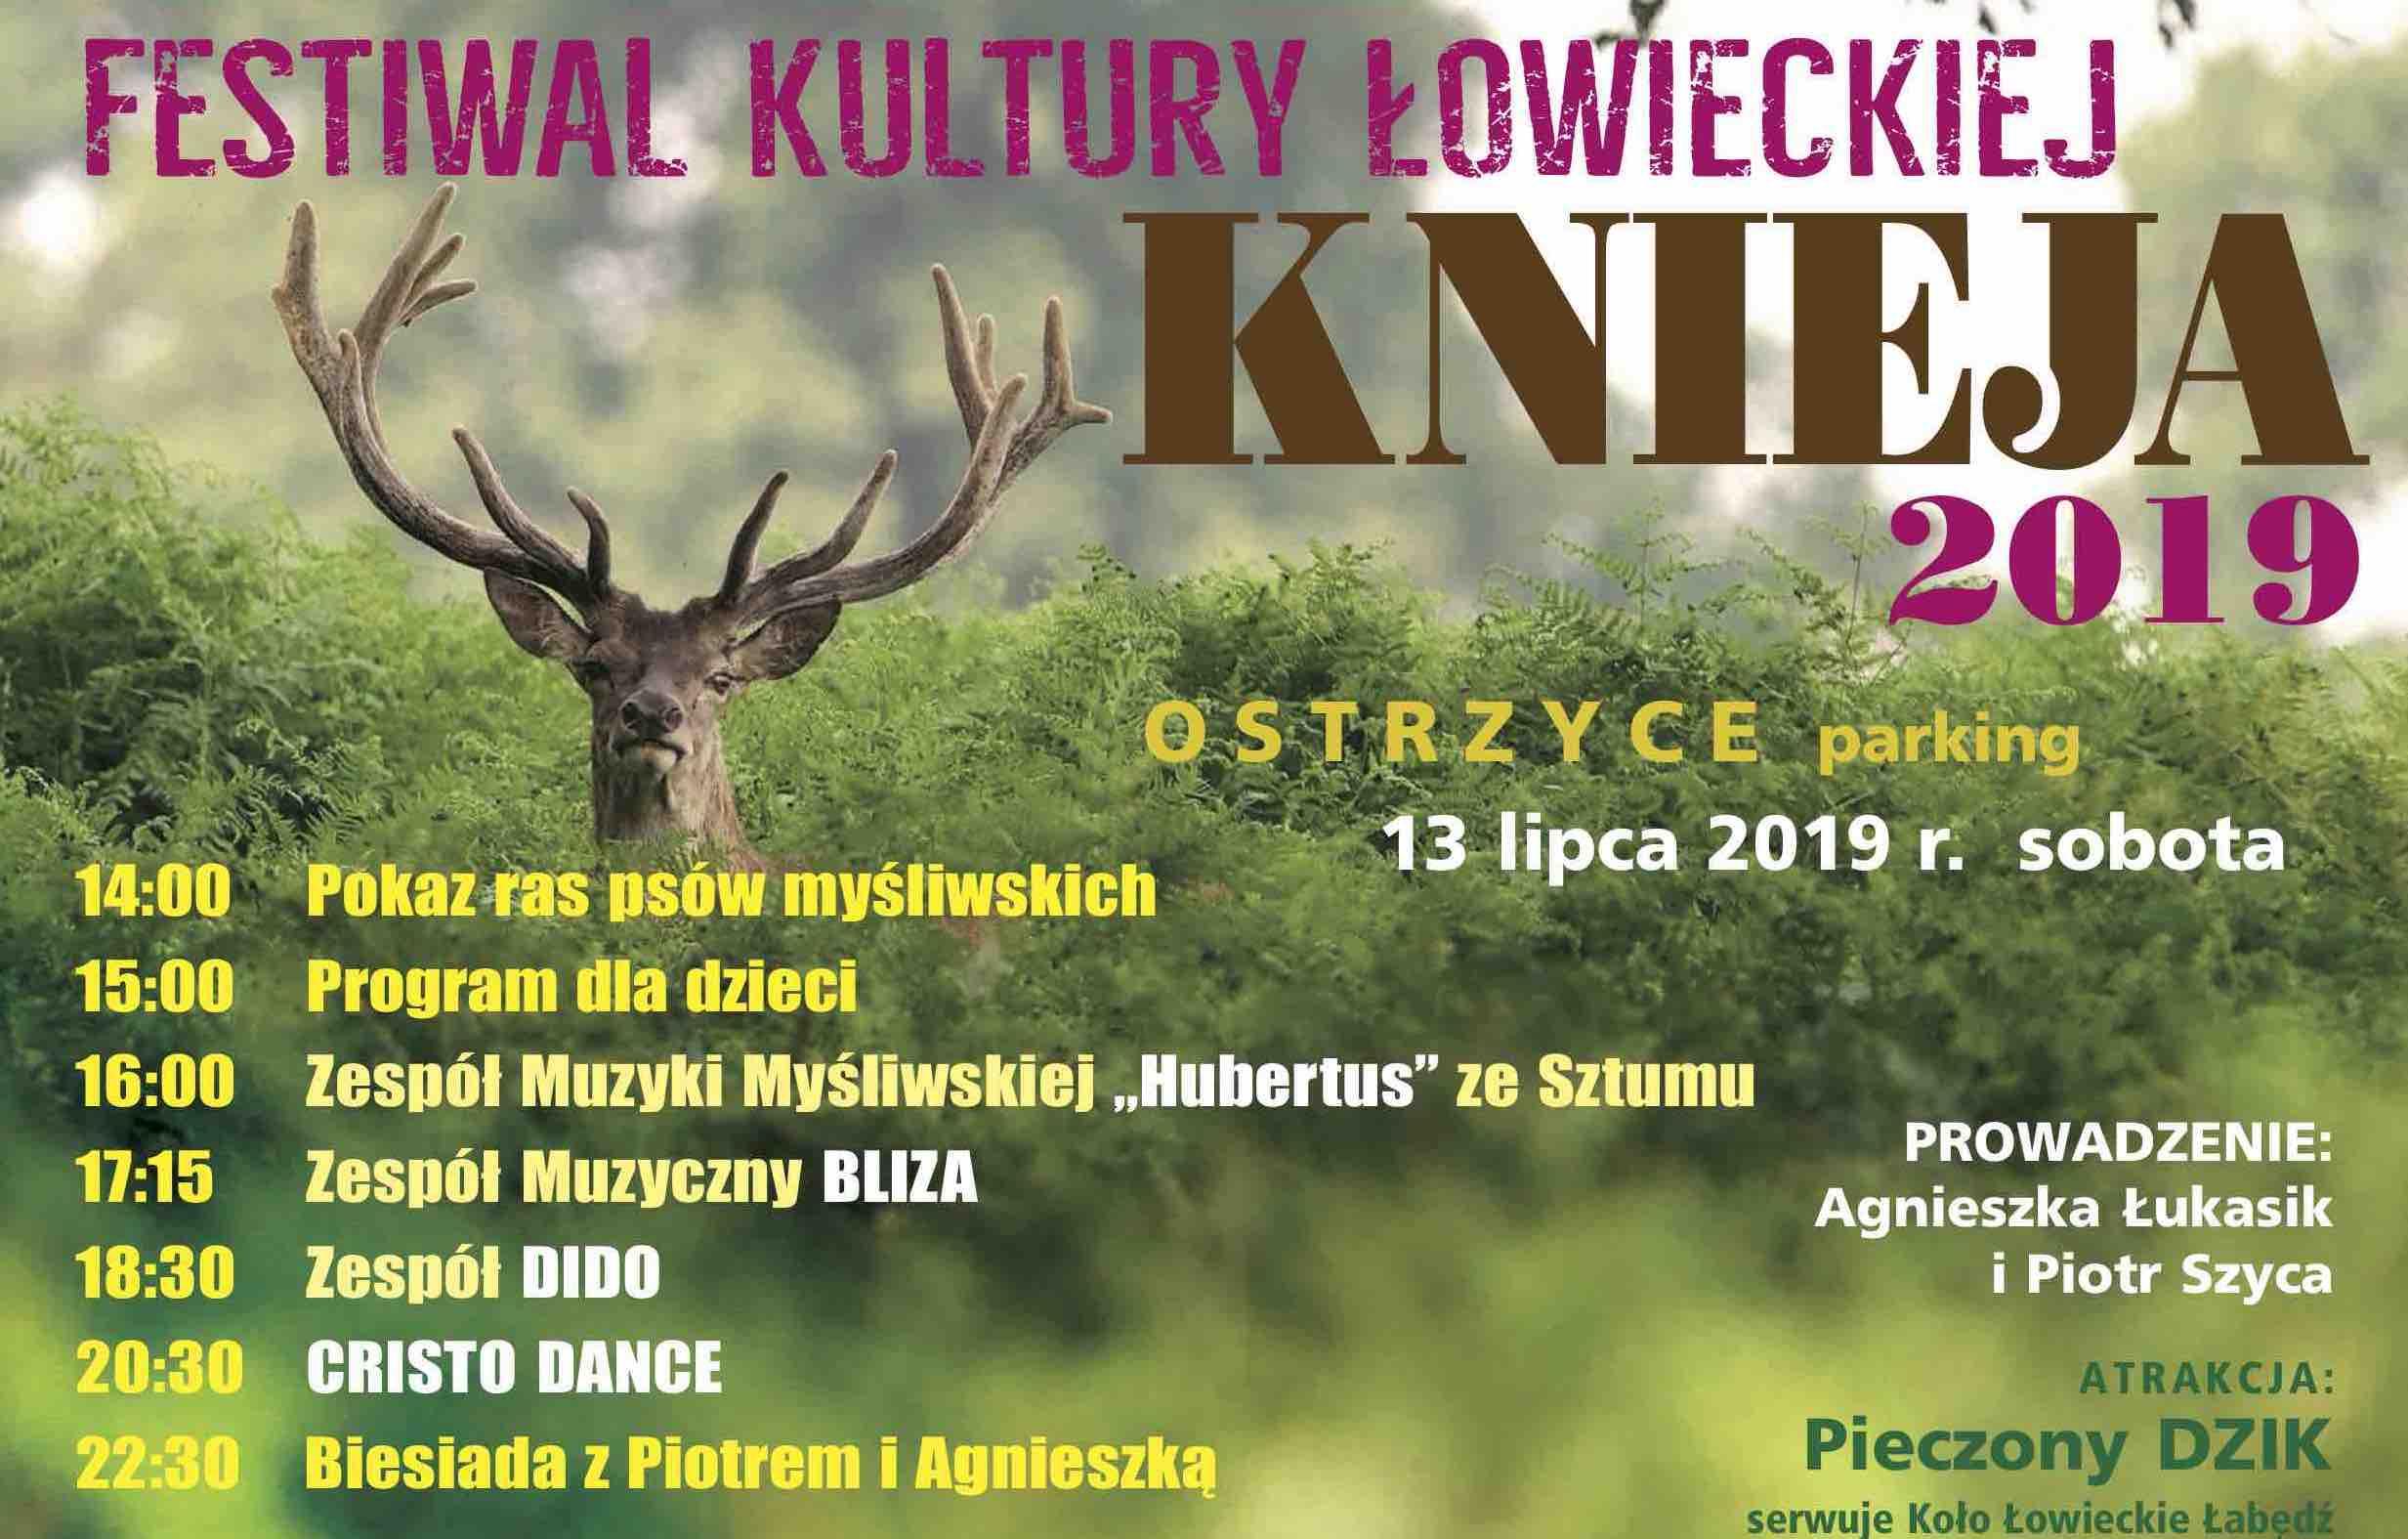 Knieja 2019 - Ostrzyce